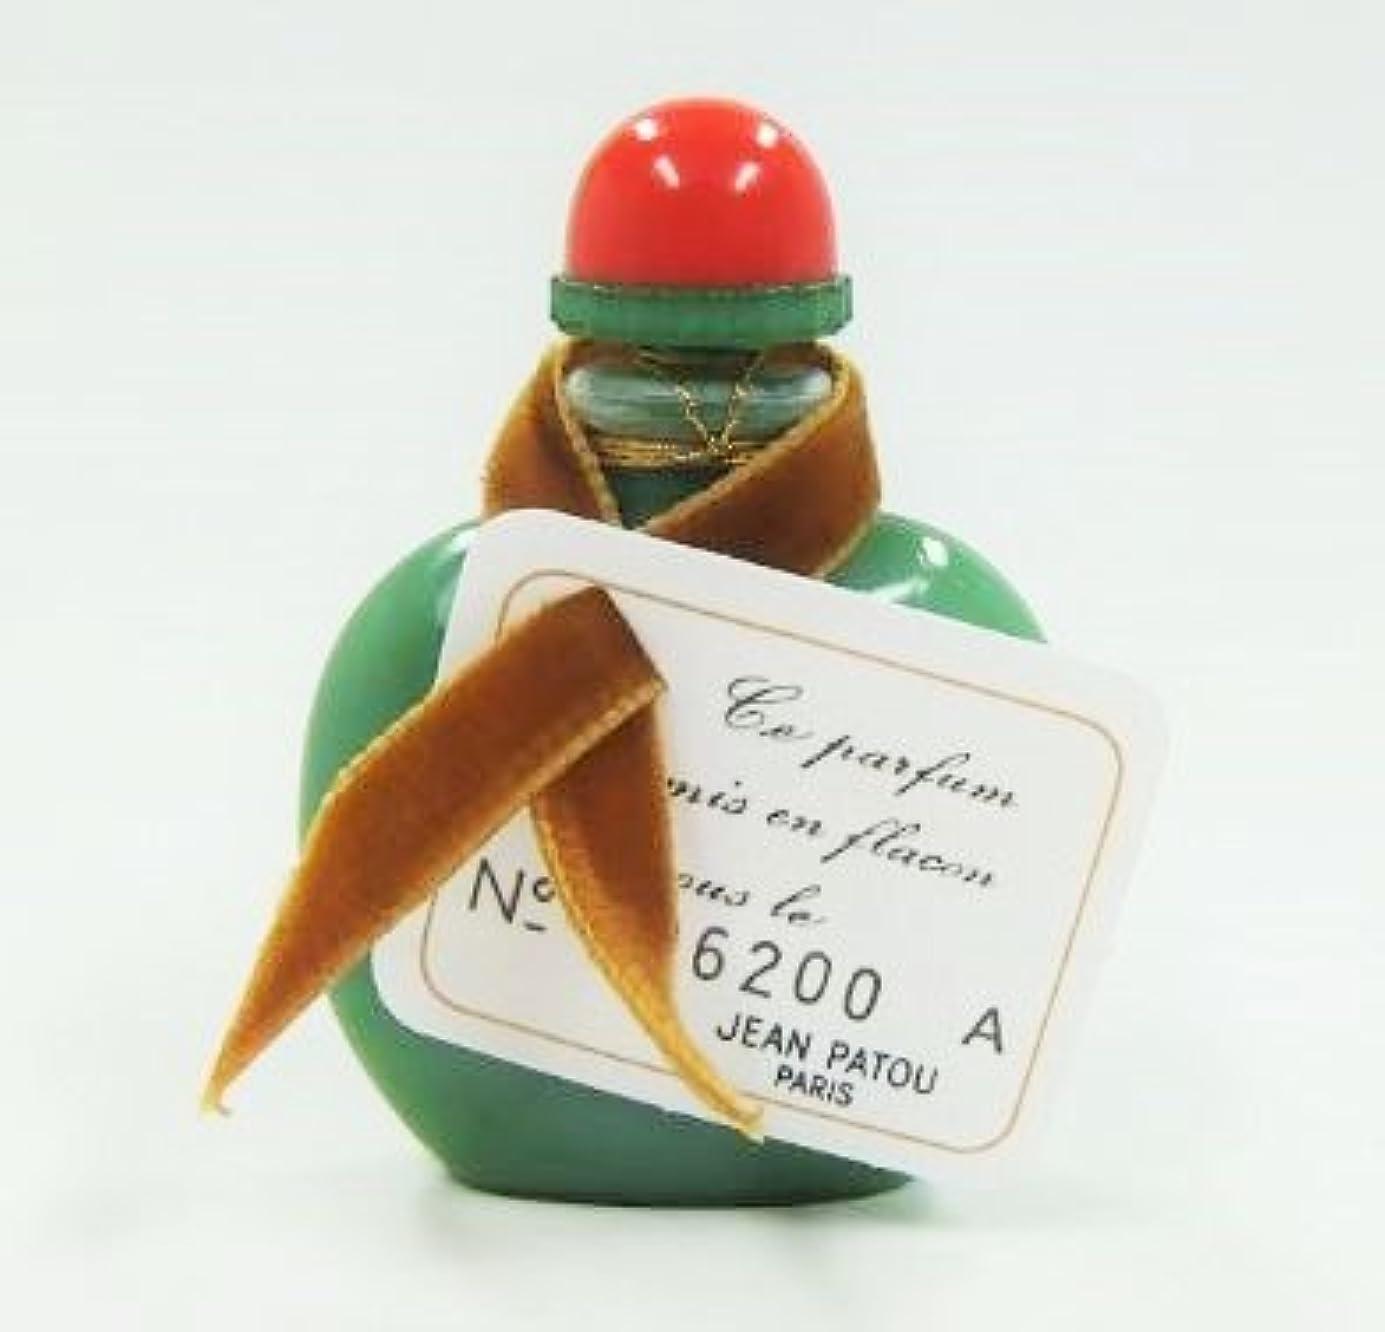 専制ロック里親【箱無し】 JEAN PATOU ジャンパトゥ ミル 1000 パルファム 7ml (並行輸入) Parfum